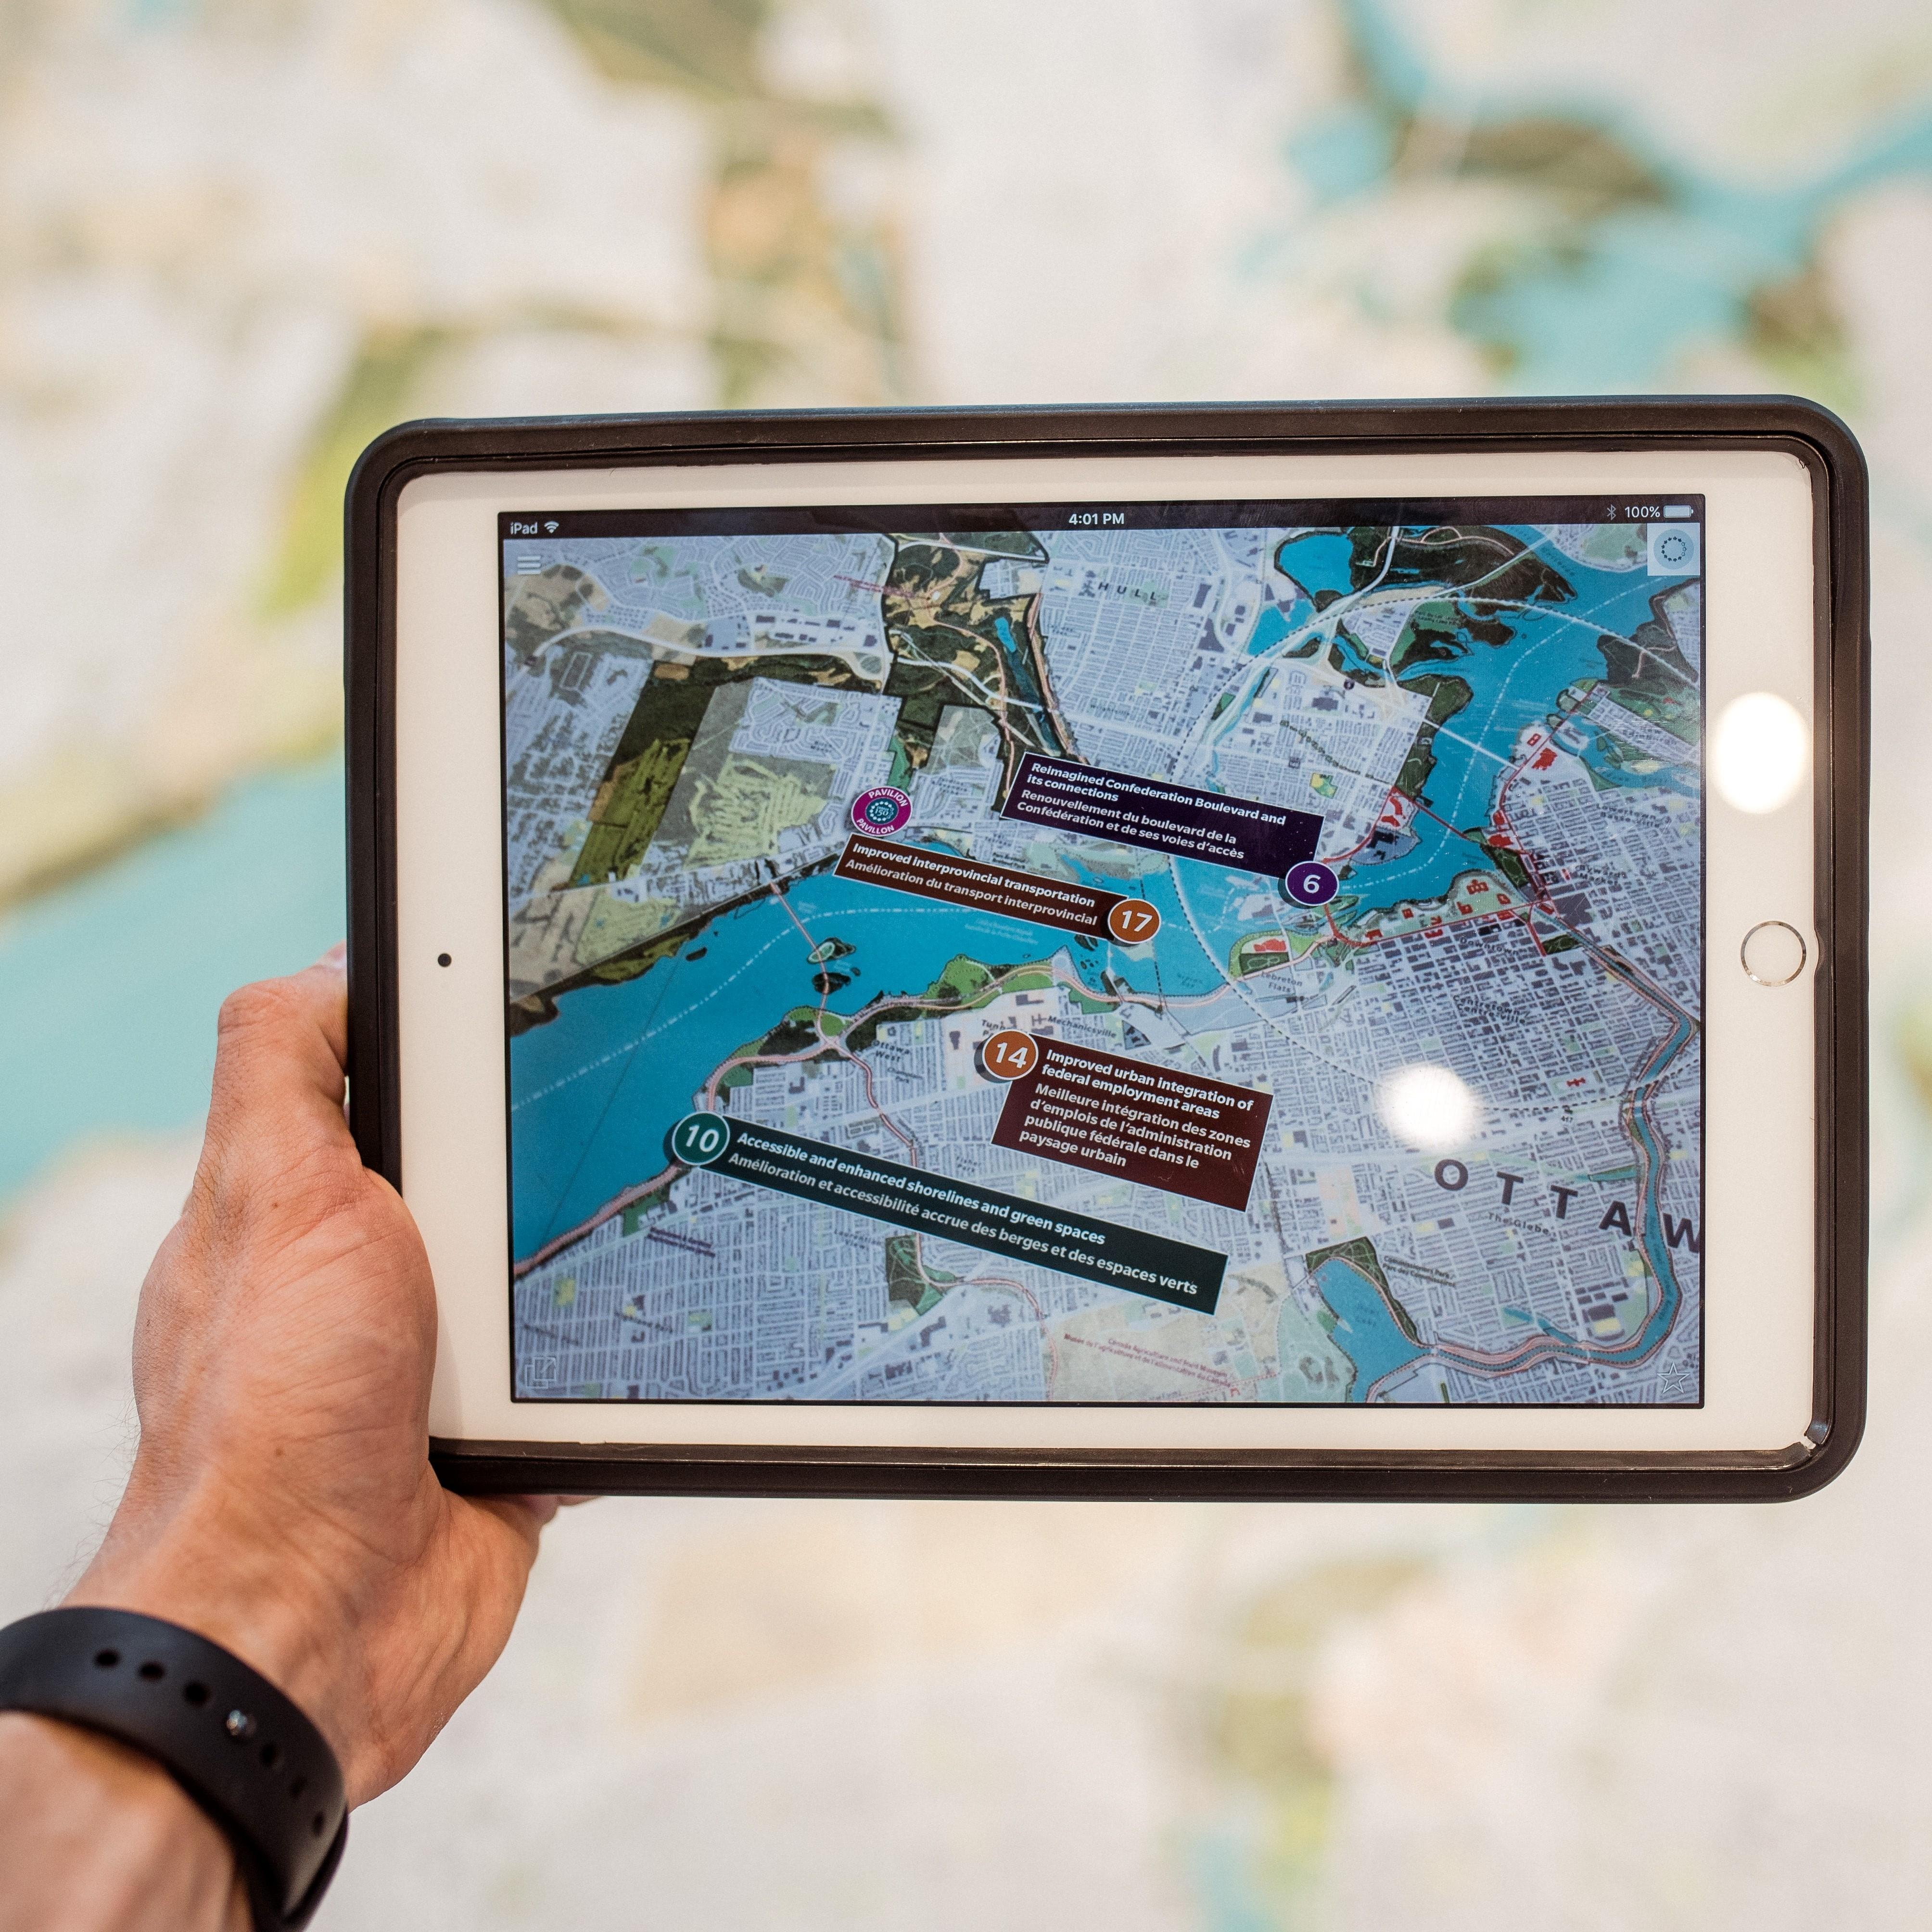 Photographie d'un personne utilisant un plan sur tablette pour observer le territoire sur lequel il se situ